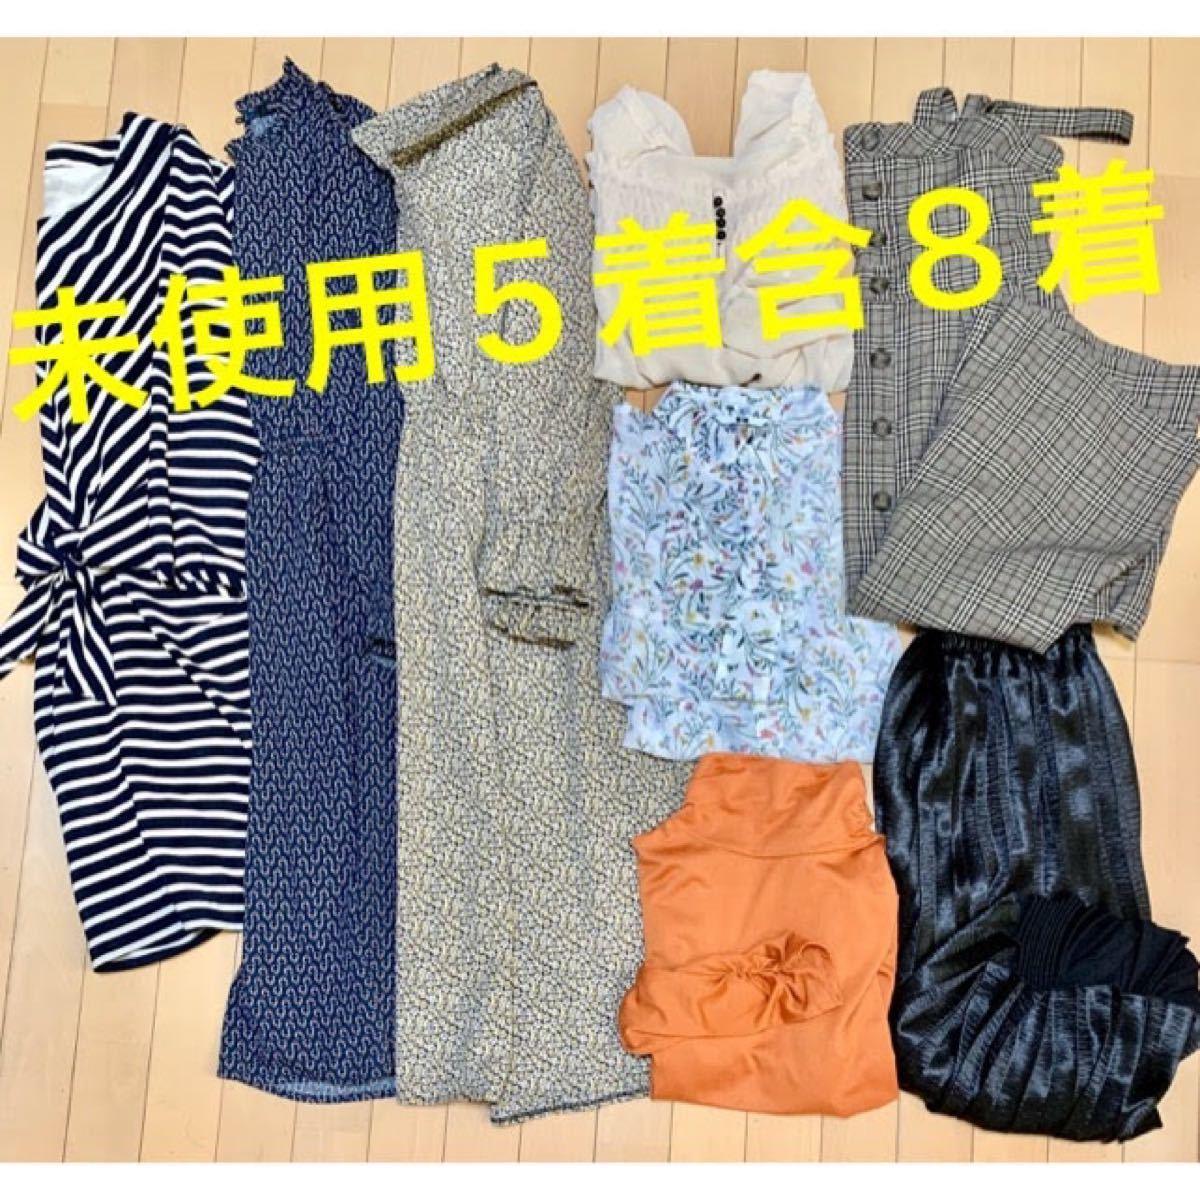 M L まとめ売り ワンピース ブラウス シャツ タートル カットソー スカート